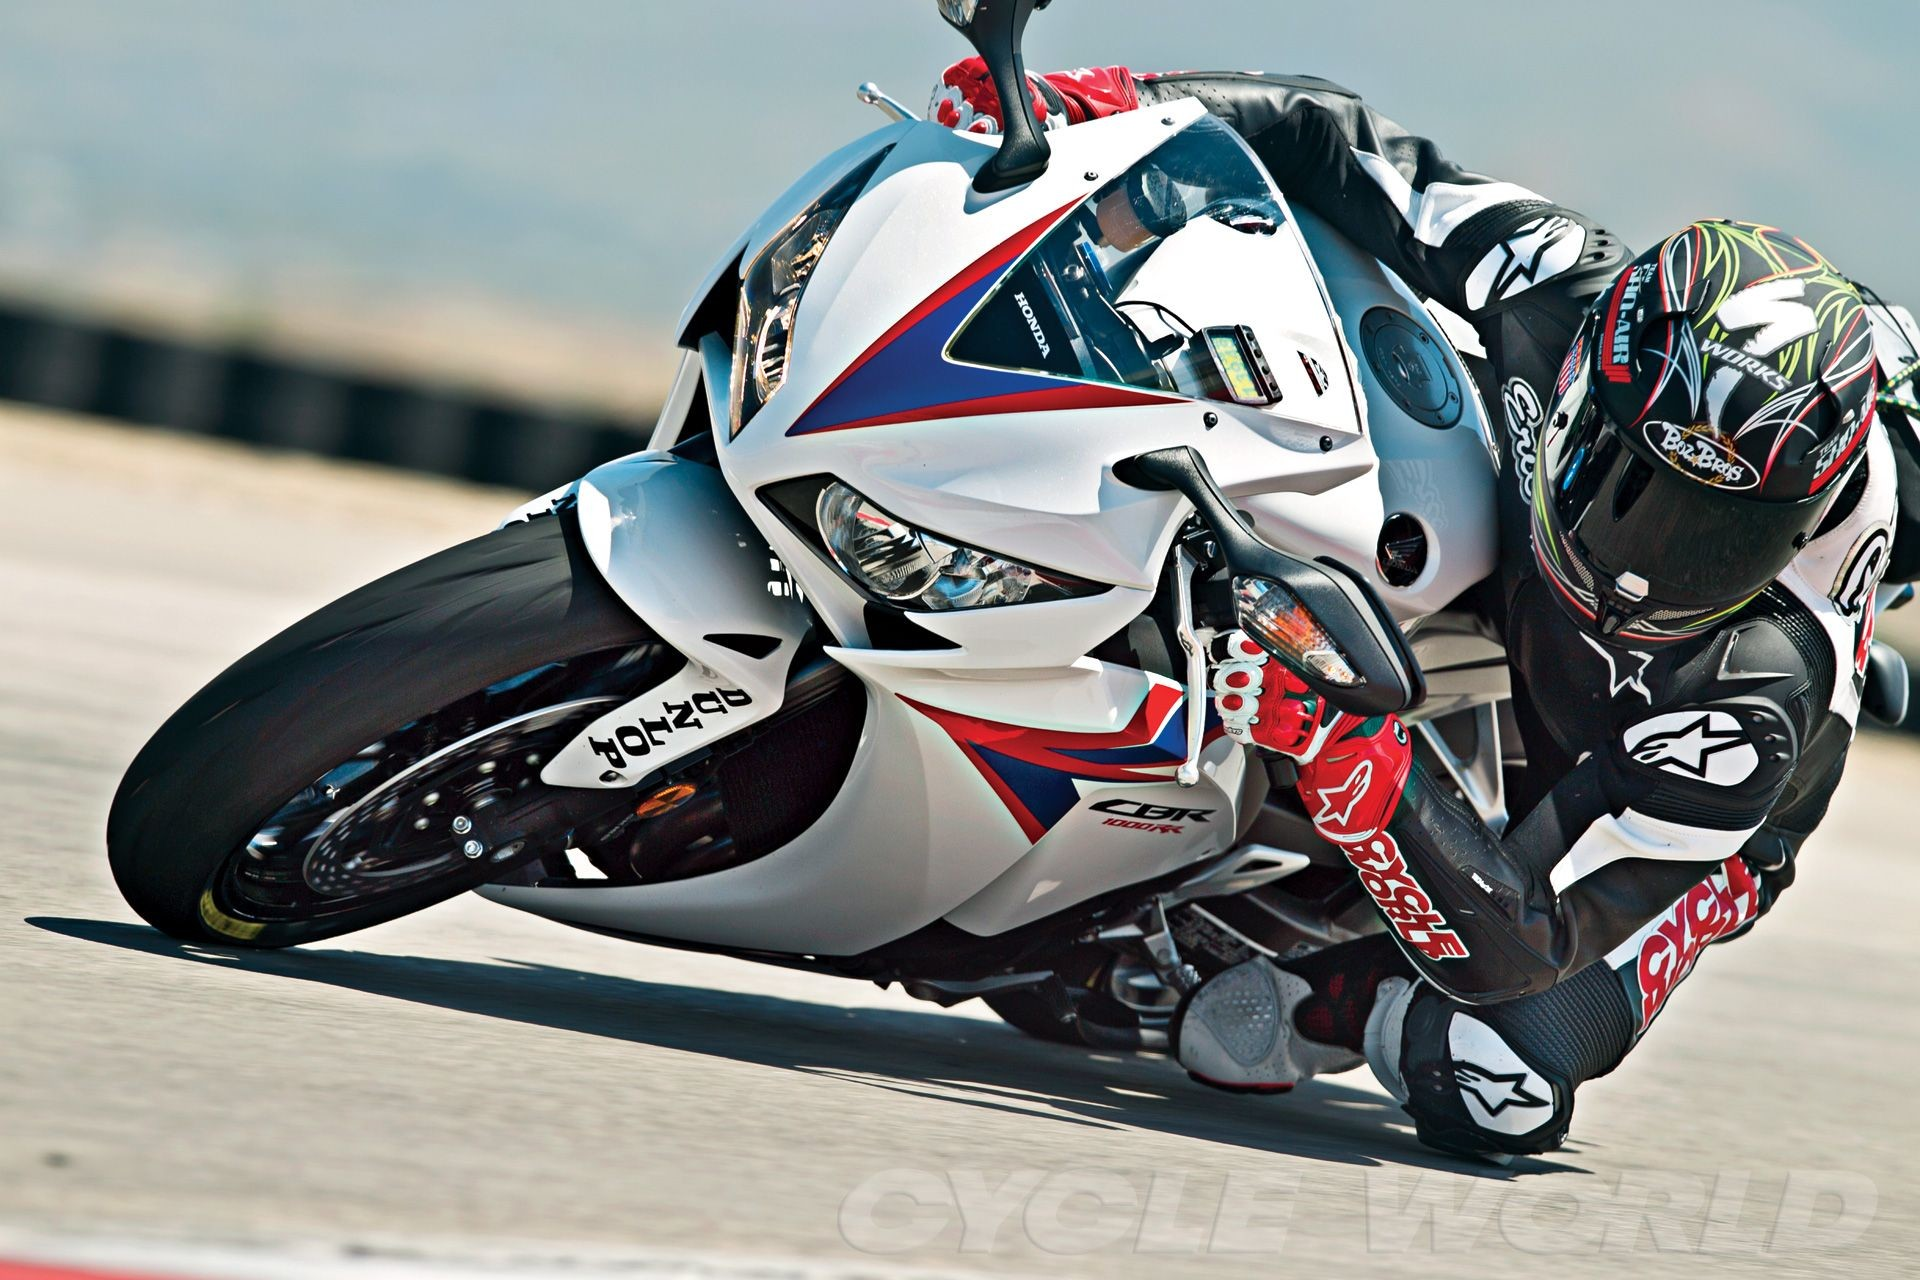 Res: 1920x1280, Honda CBR1000RR - 2012 | Honda CBR 1000 | Pinterest | Honda, Cbr ..